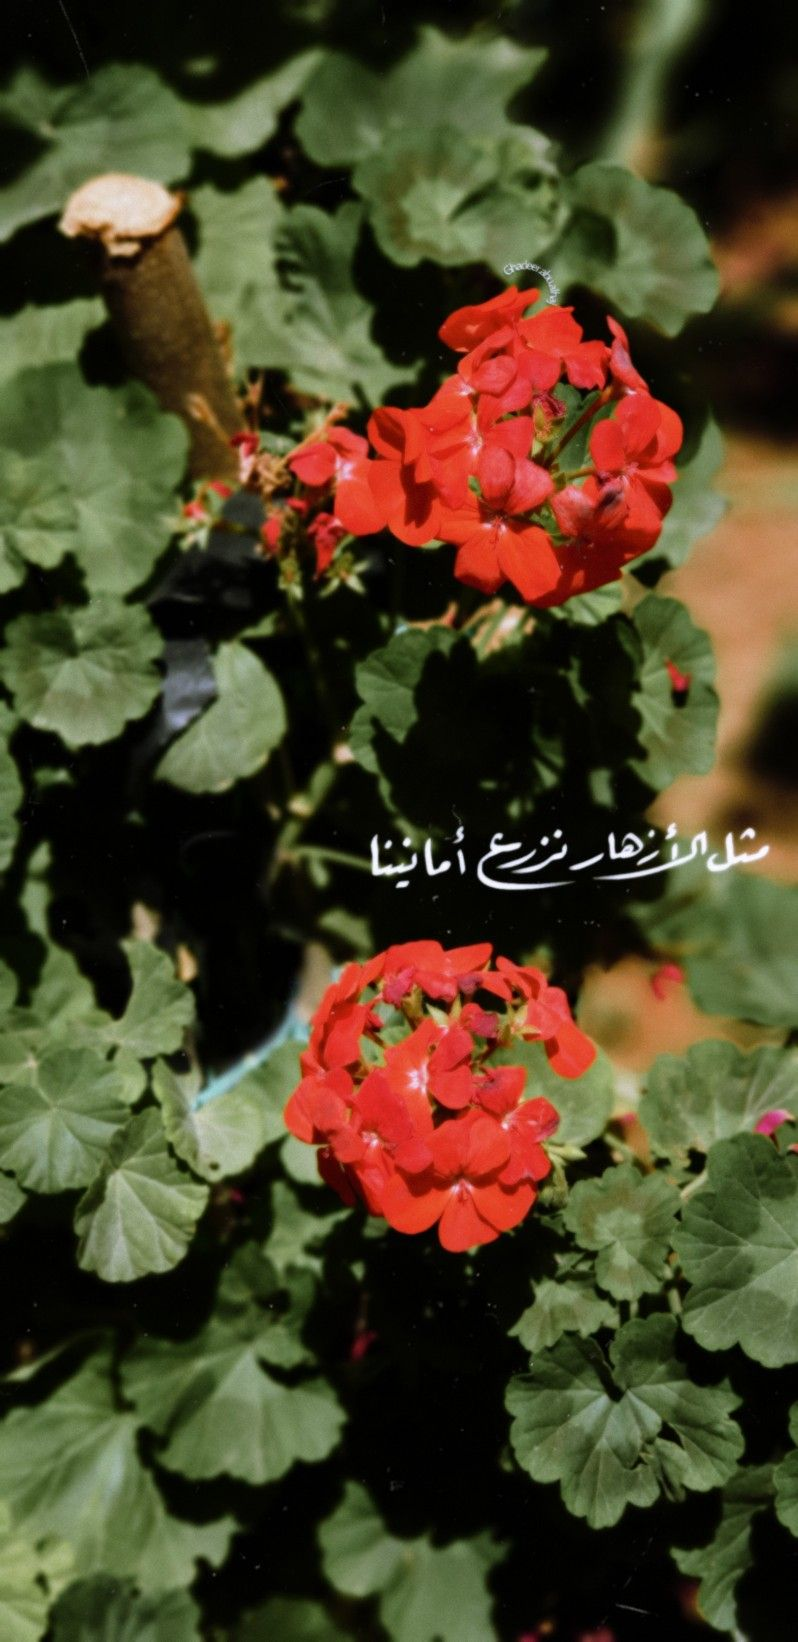 مثل الأزهار نزرع أمانينا Daisy Art Cute Cartoon Images Cartoon Images